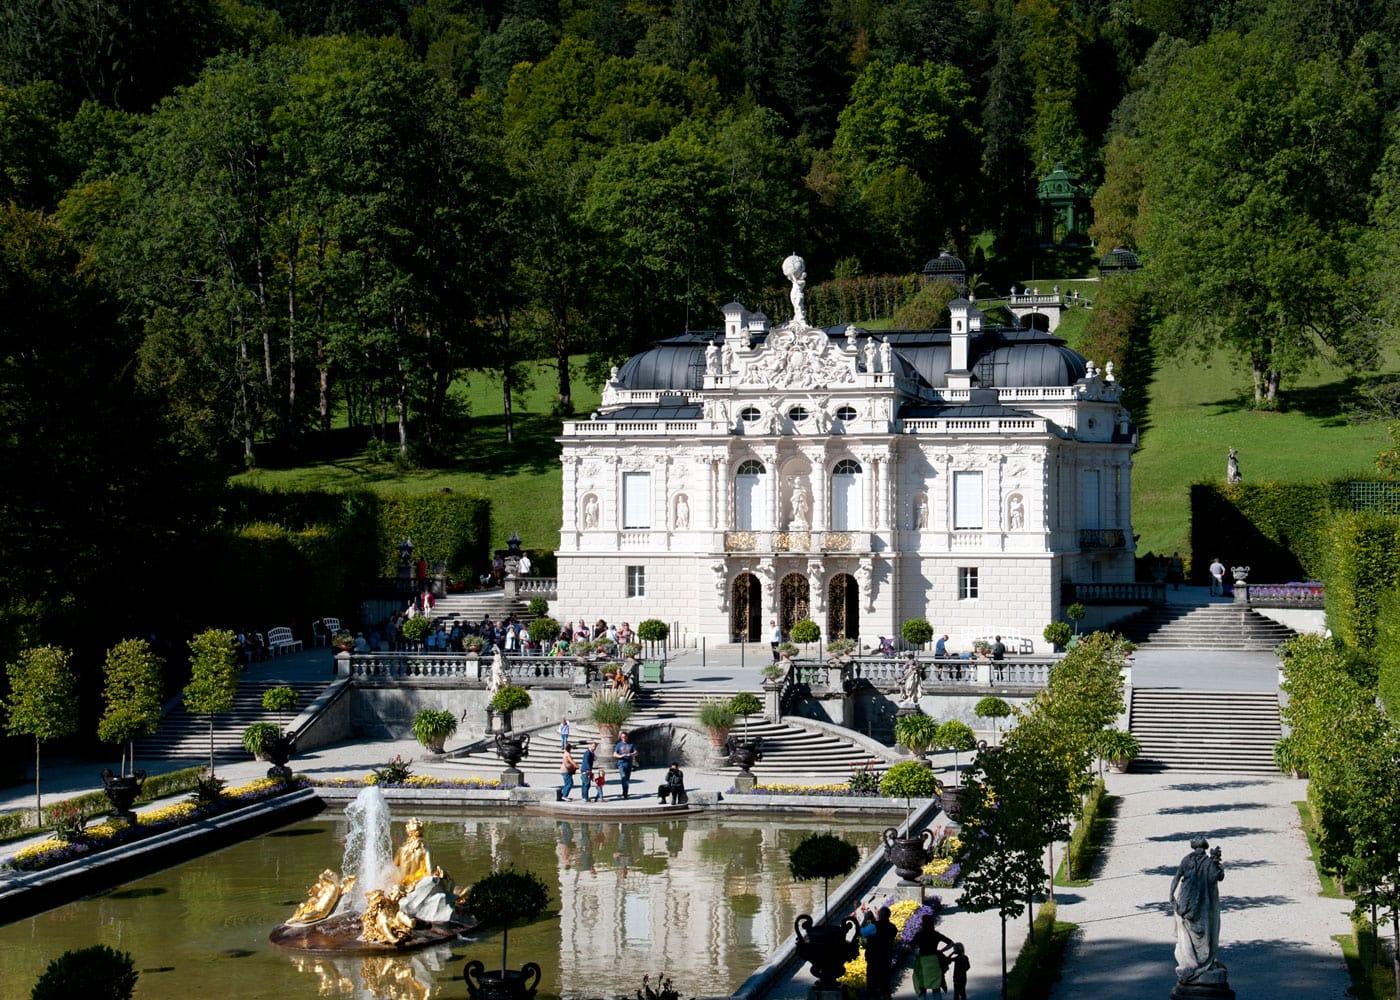 Ausflugsziele für Familien: Schloss Linderhof – prächtiges Schloss // HIMBEER